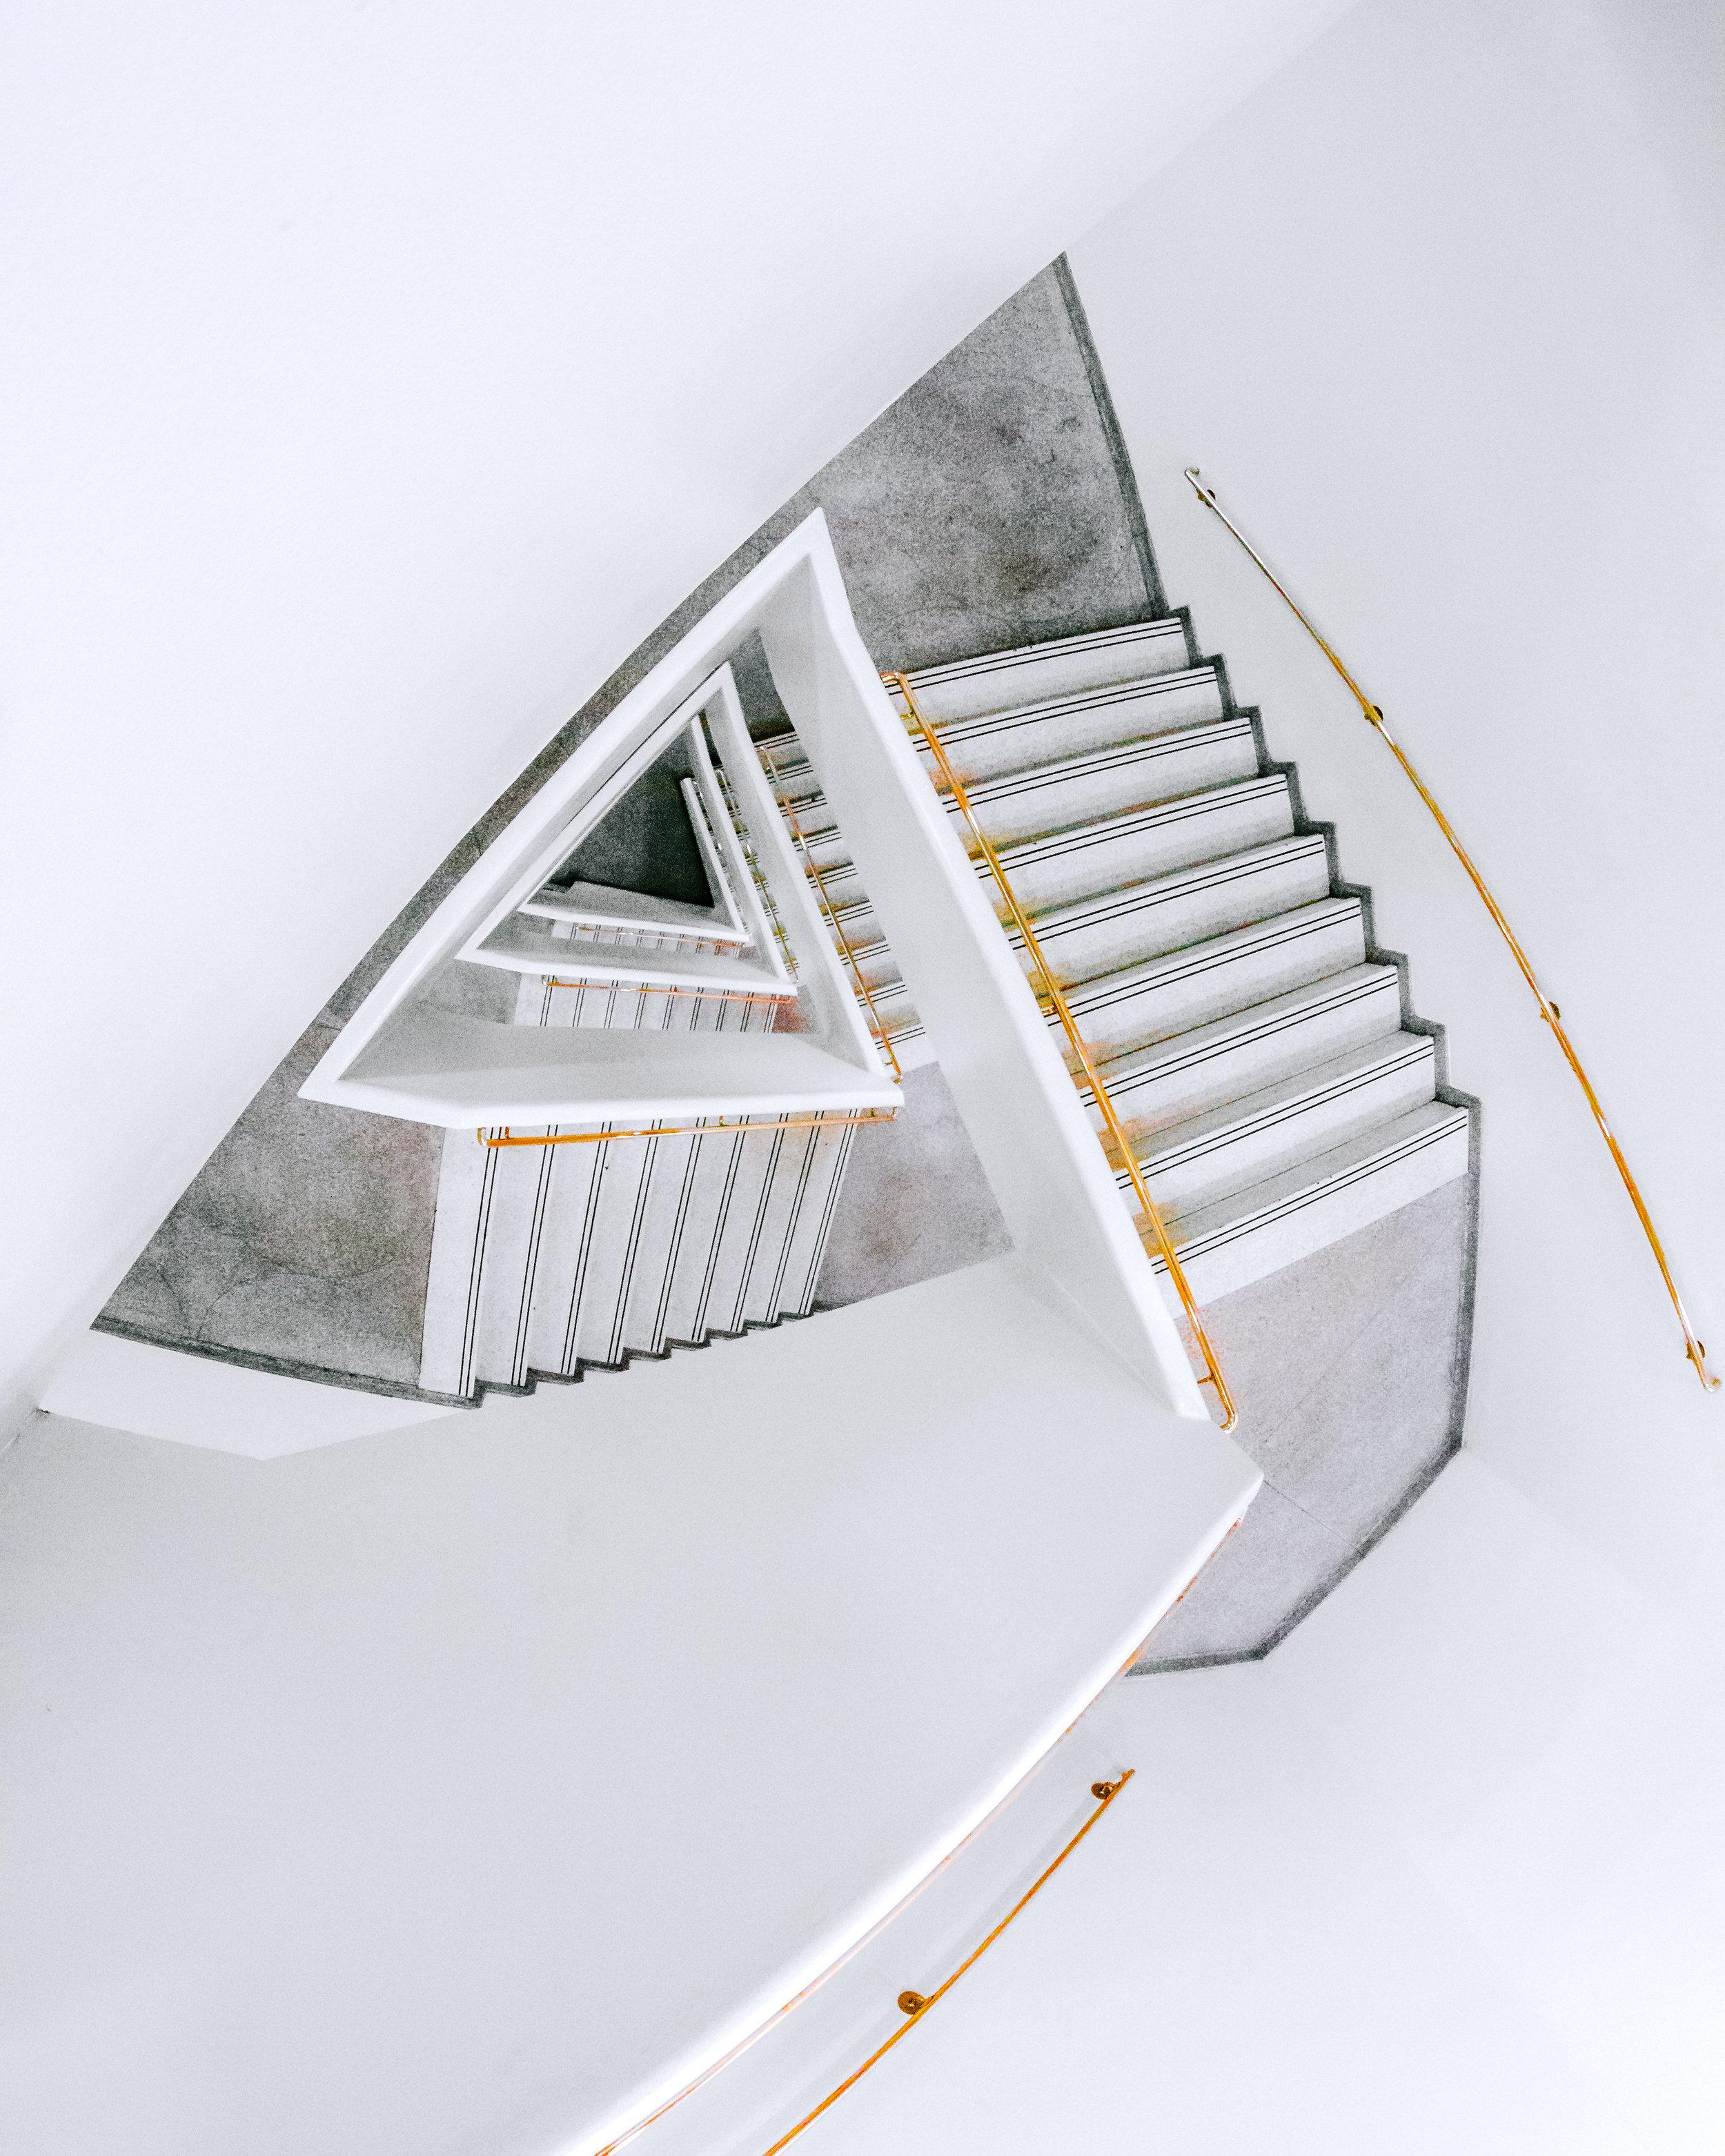 The Guggenheim, NYC